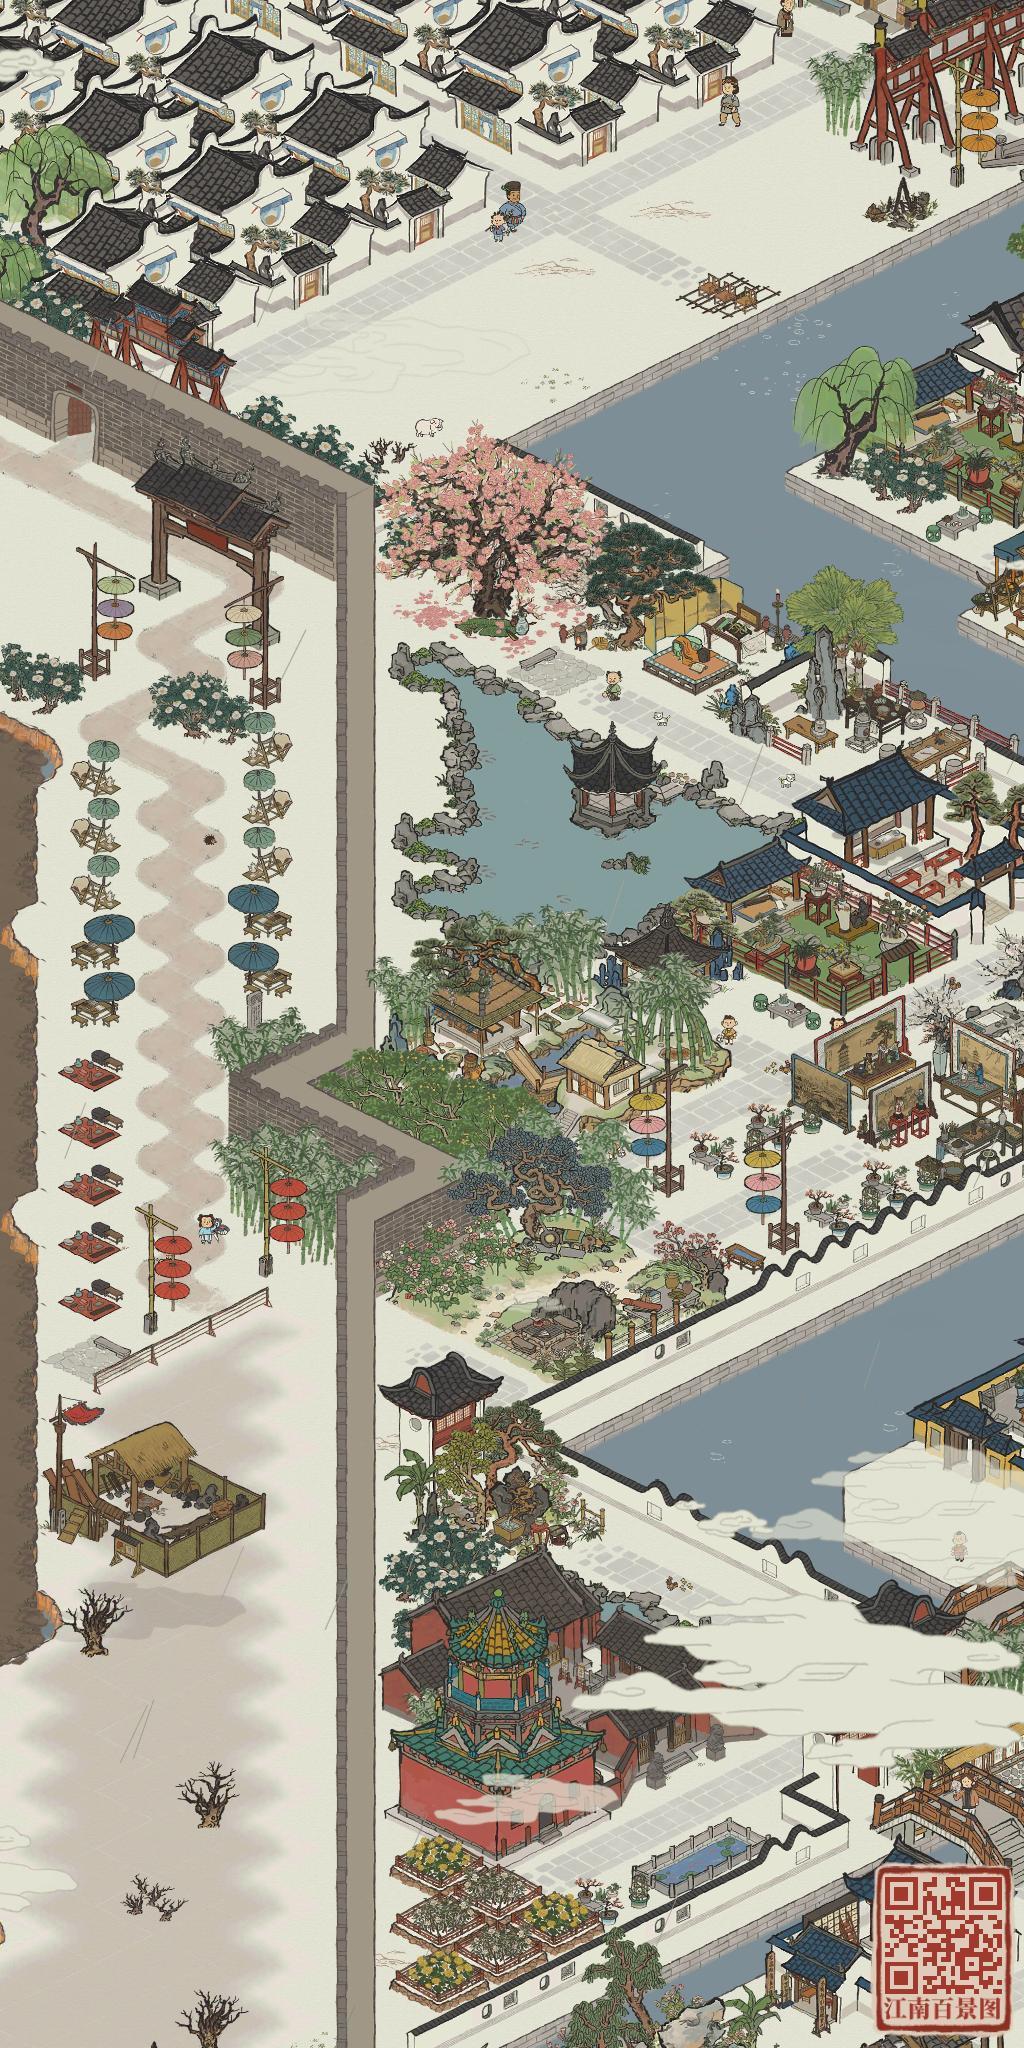 江南百景图杭州三角区怎么布局好 杭州三角区最